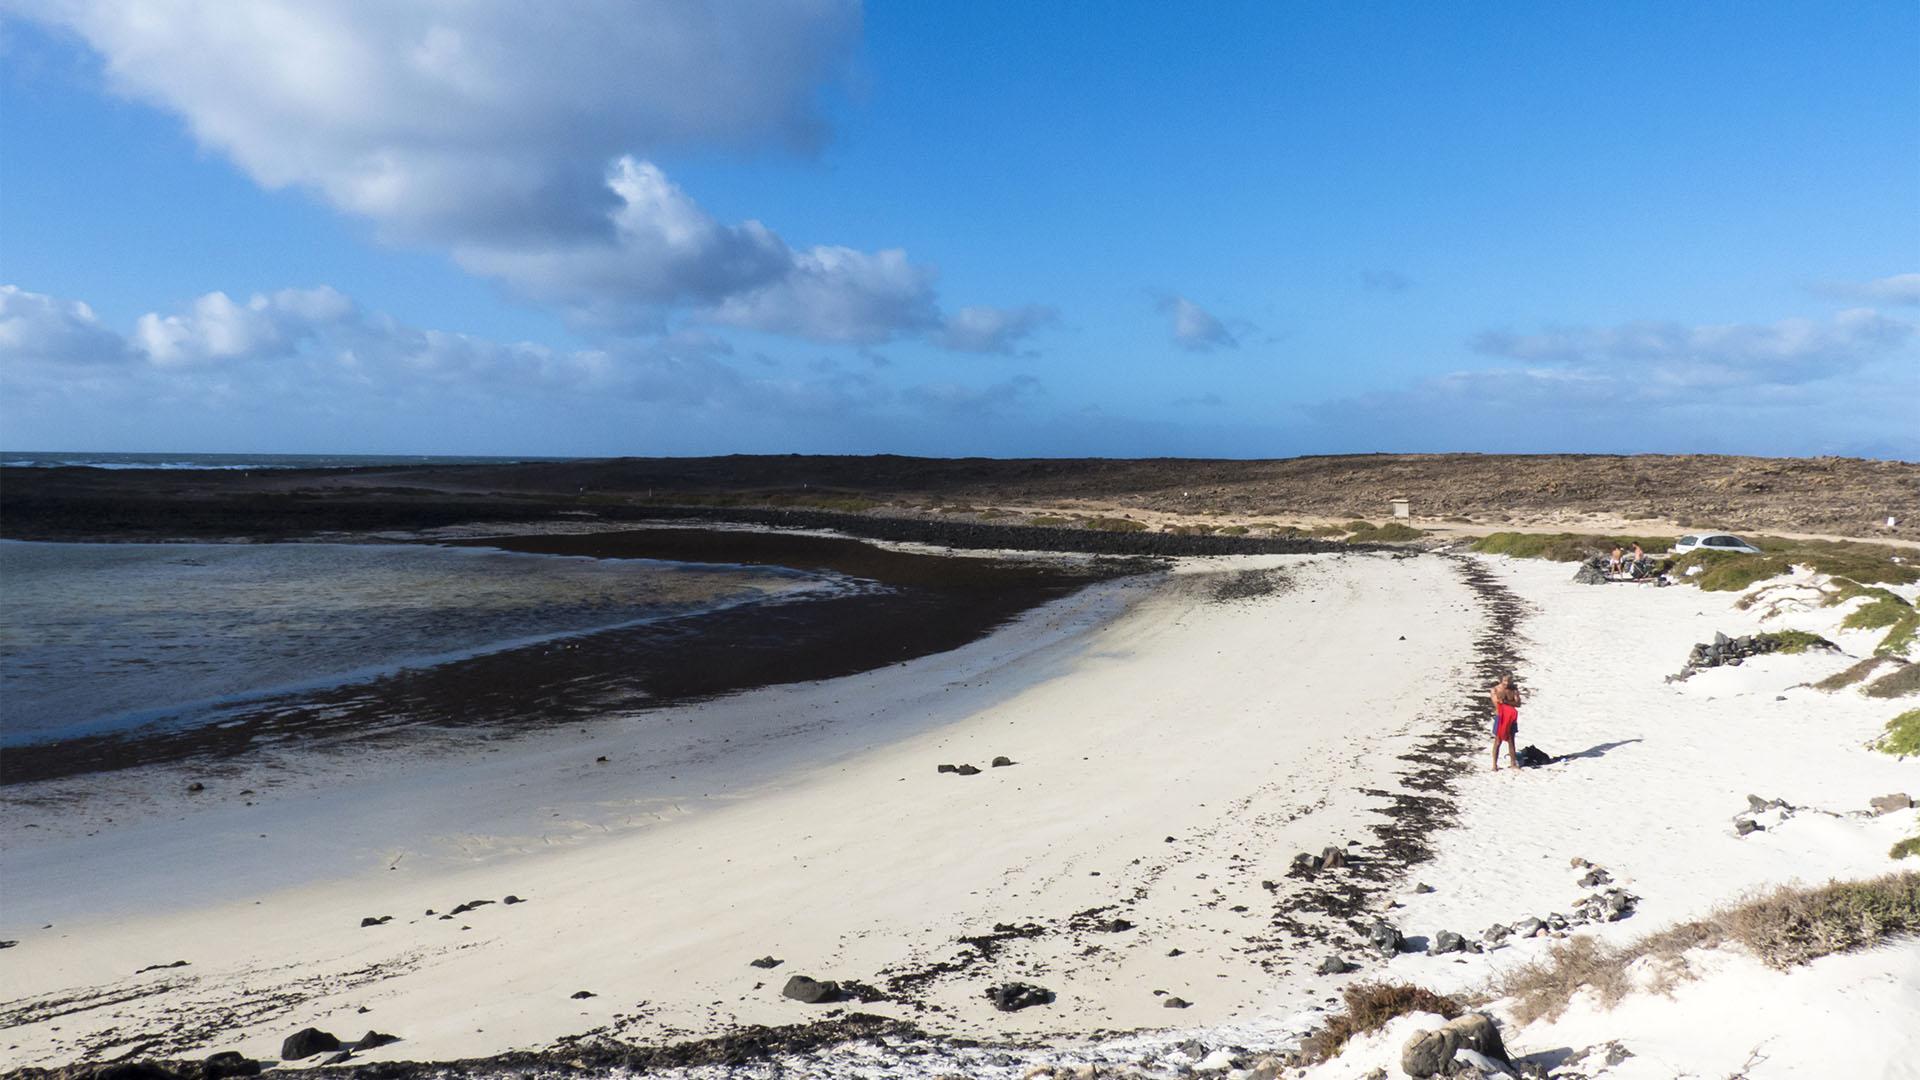 Die Strände Fuerteventuras: Caleta de Beatriz